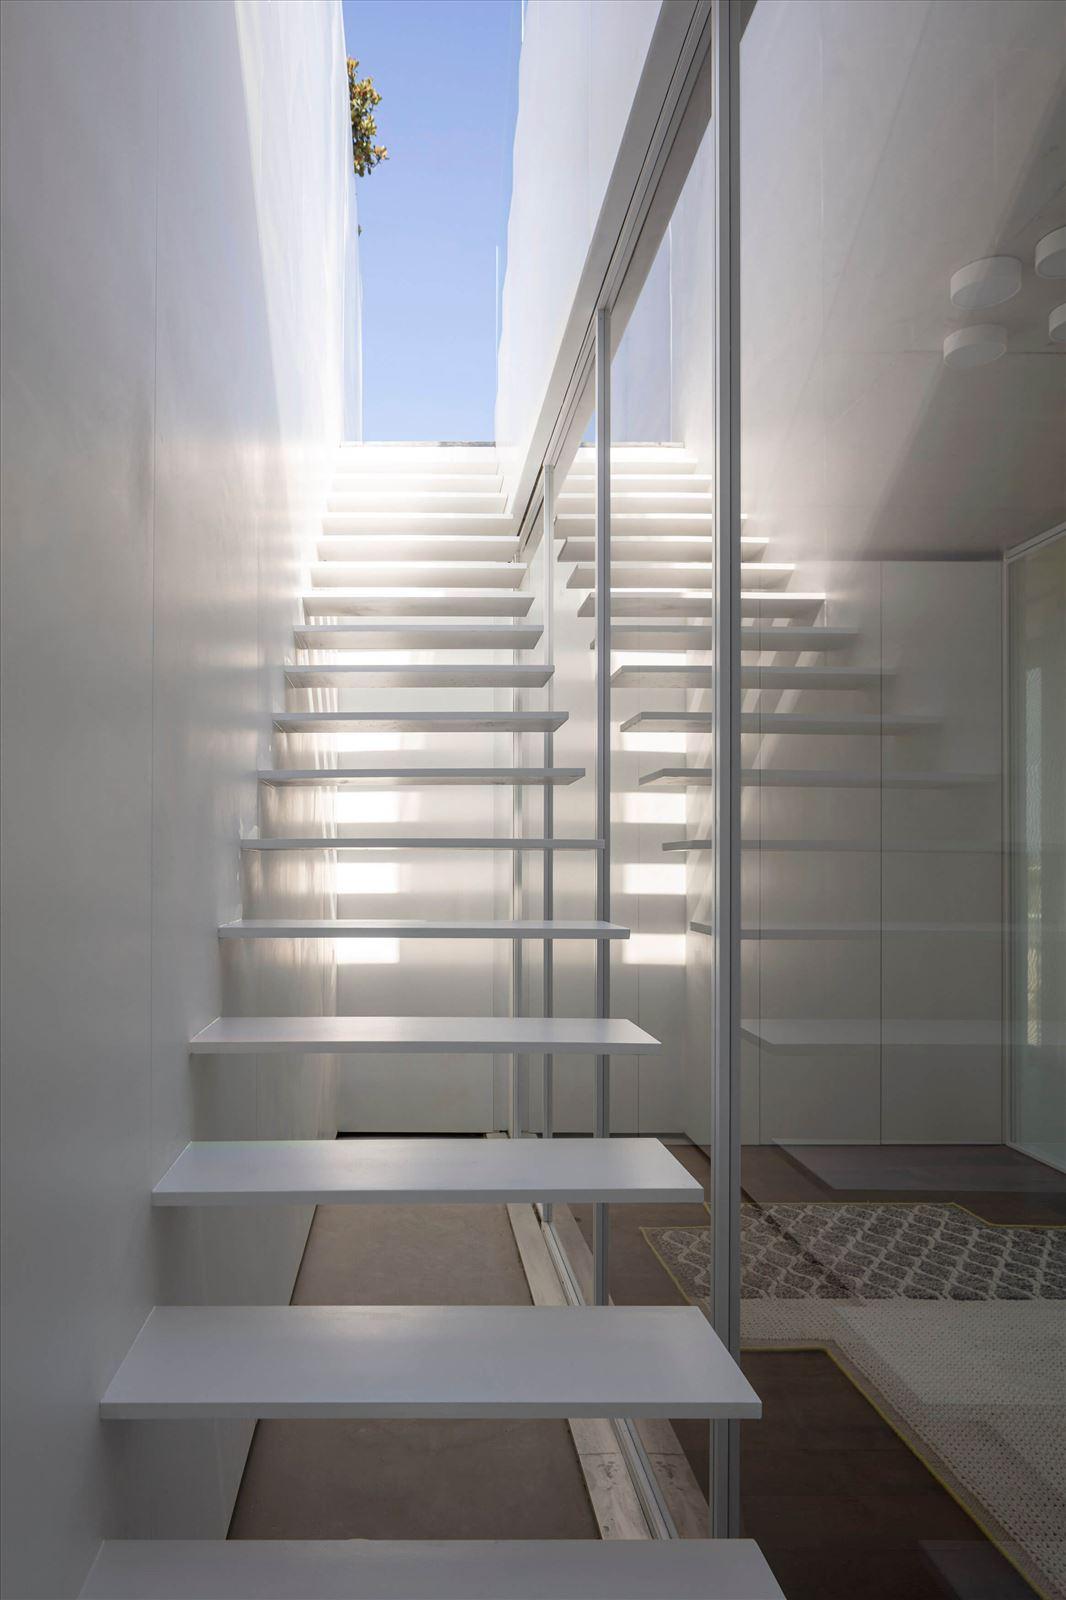 תאורת מדרגות מבית קמחי תאורה